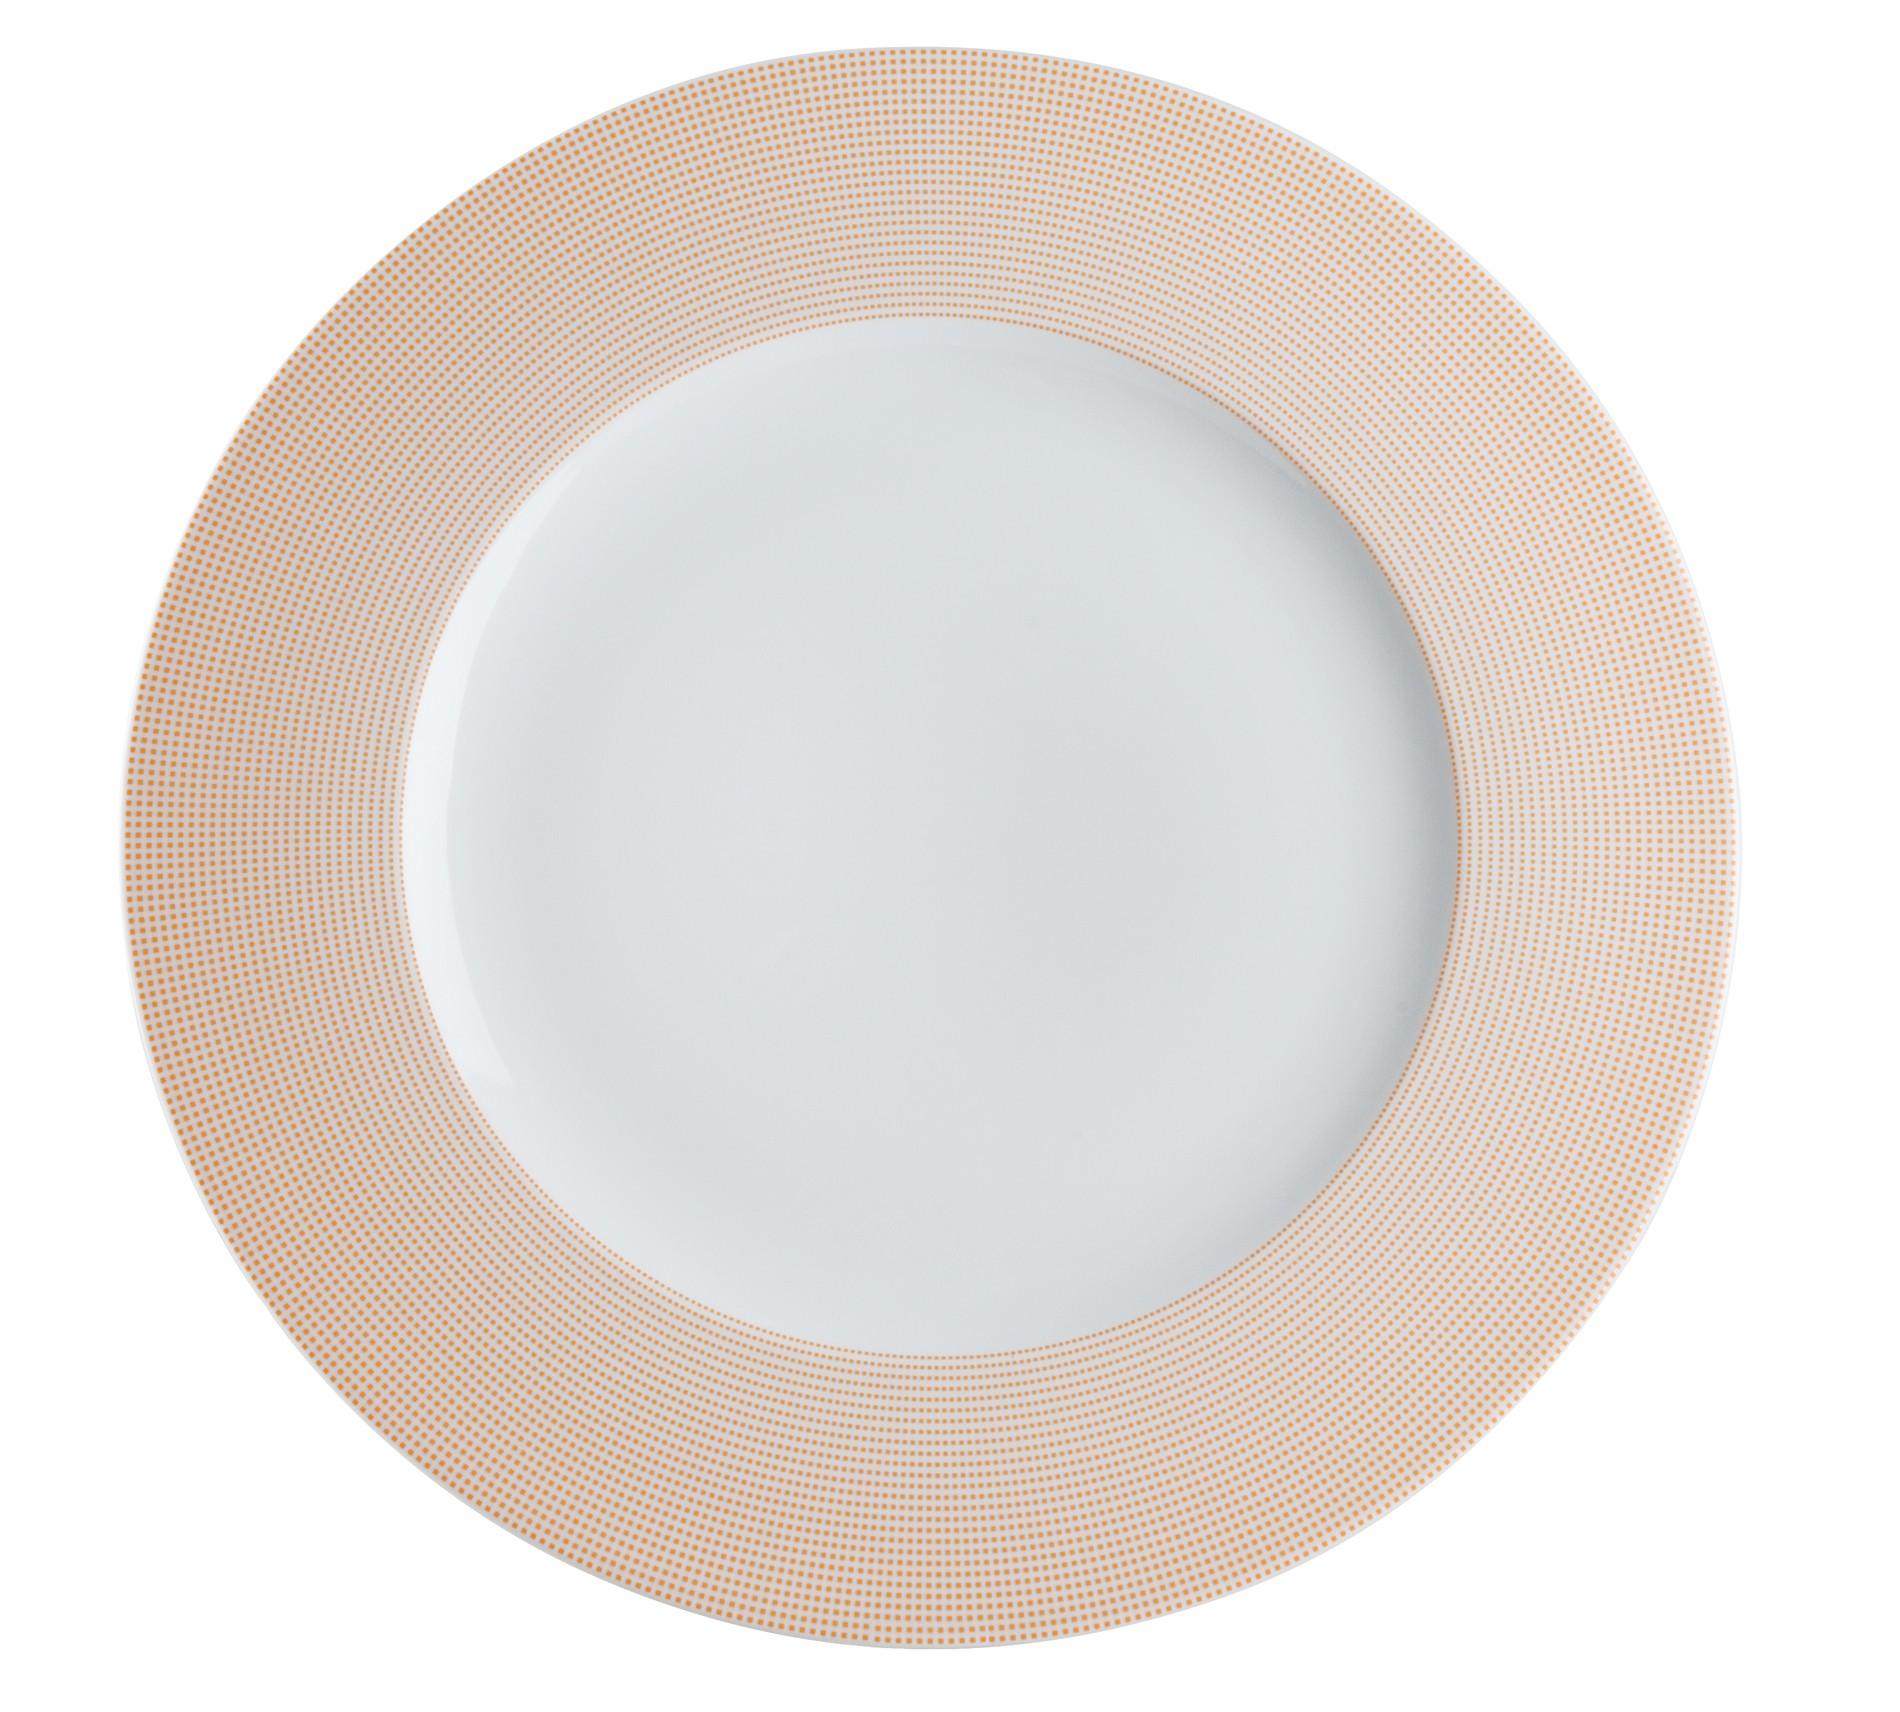 Πιατέλα Στρογγυλή Punto Orange 32cm Ionia home   ειδη σερβιρισματος   πιατέλες